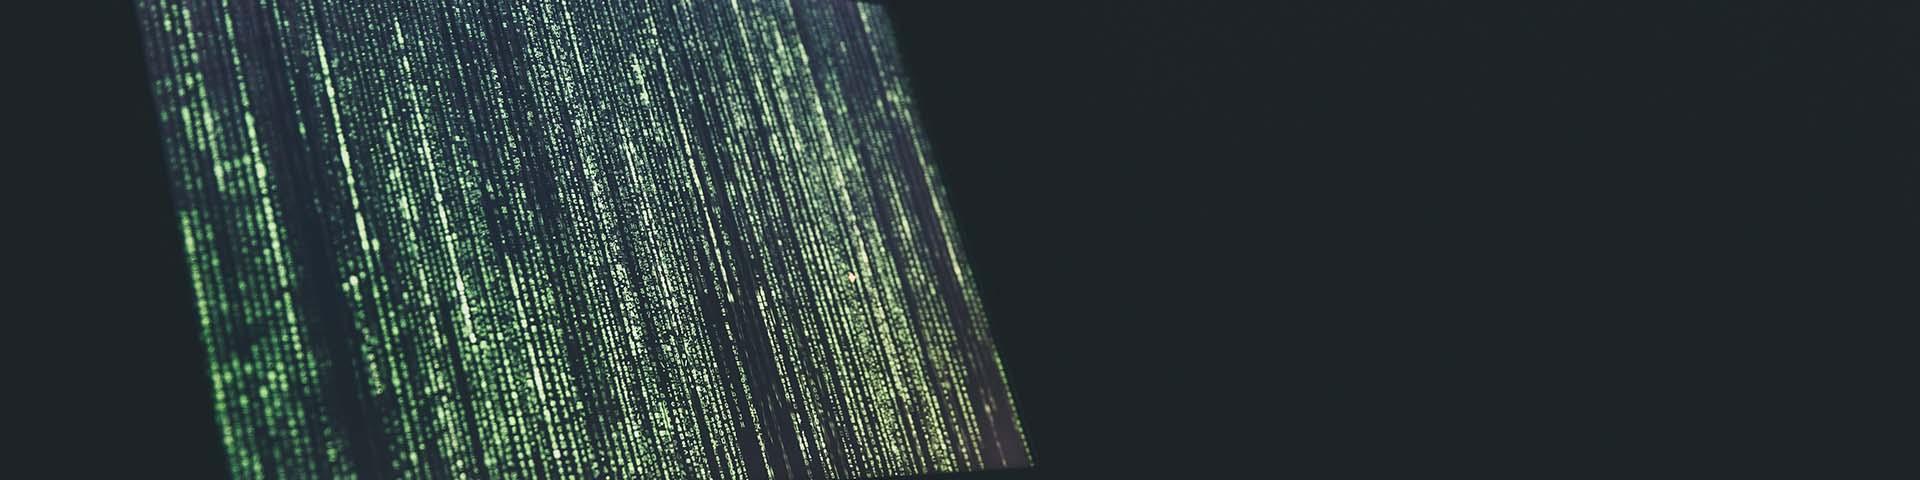 Protection des données personnelles : une nouvelle approche